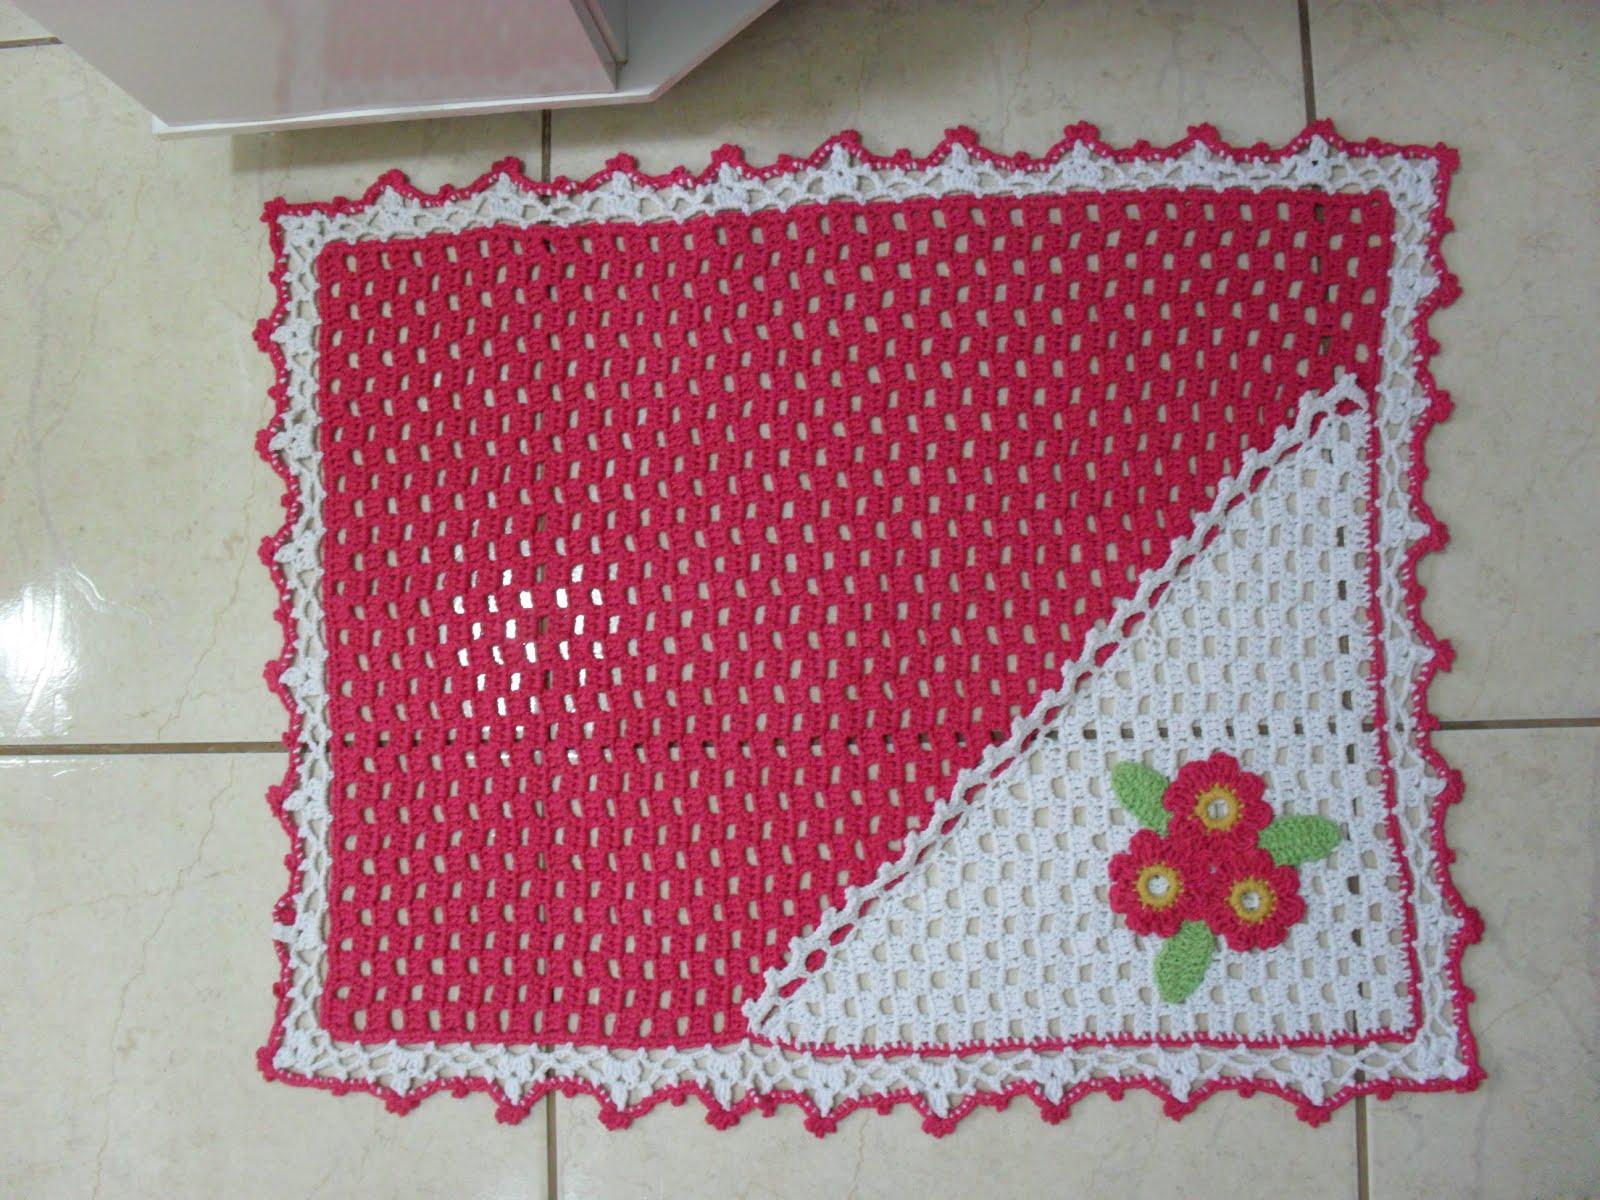 Jogo De Banheiro Verde E Branco : Croch? fasc?nio jogo de banheiro pink e branco